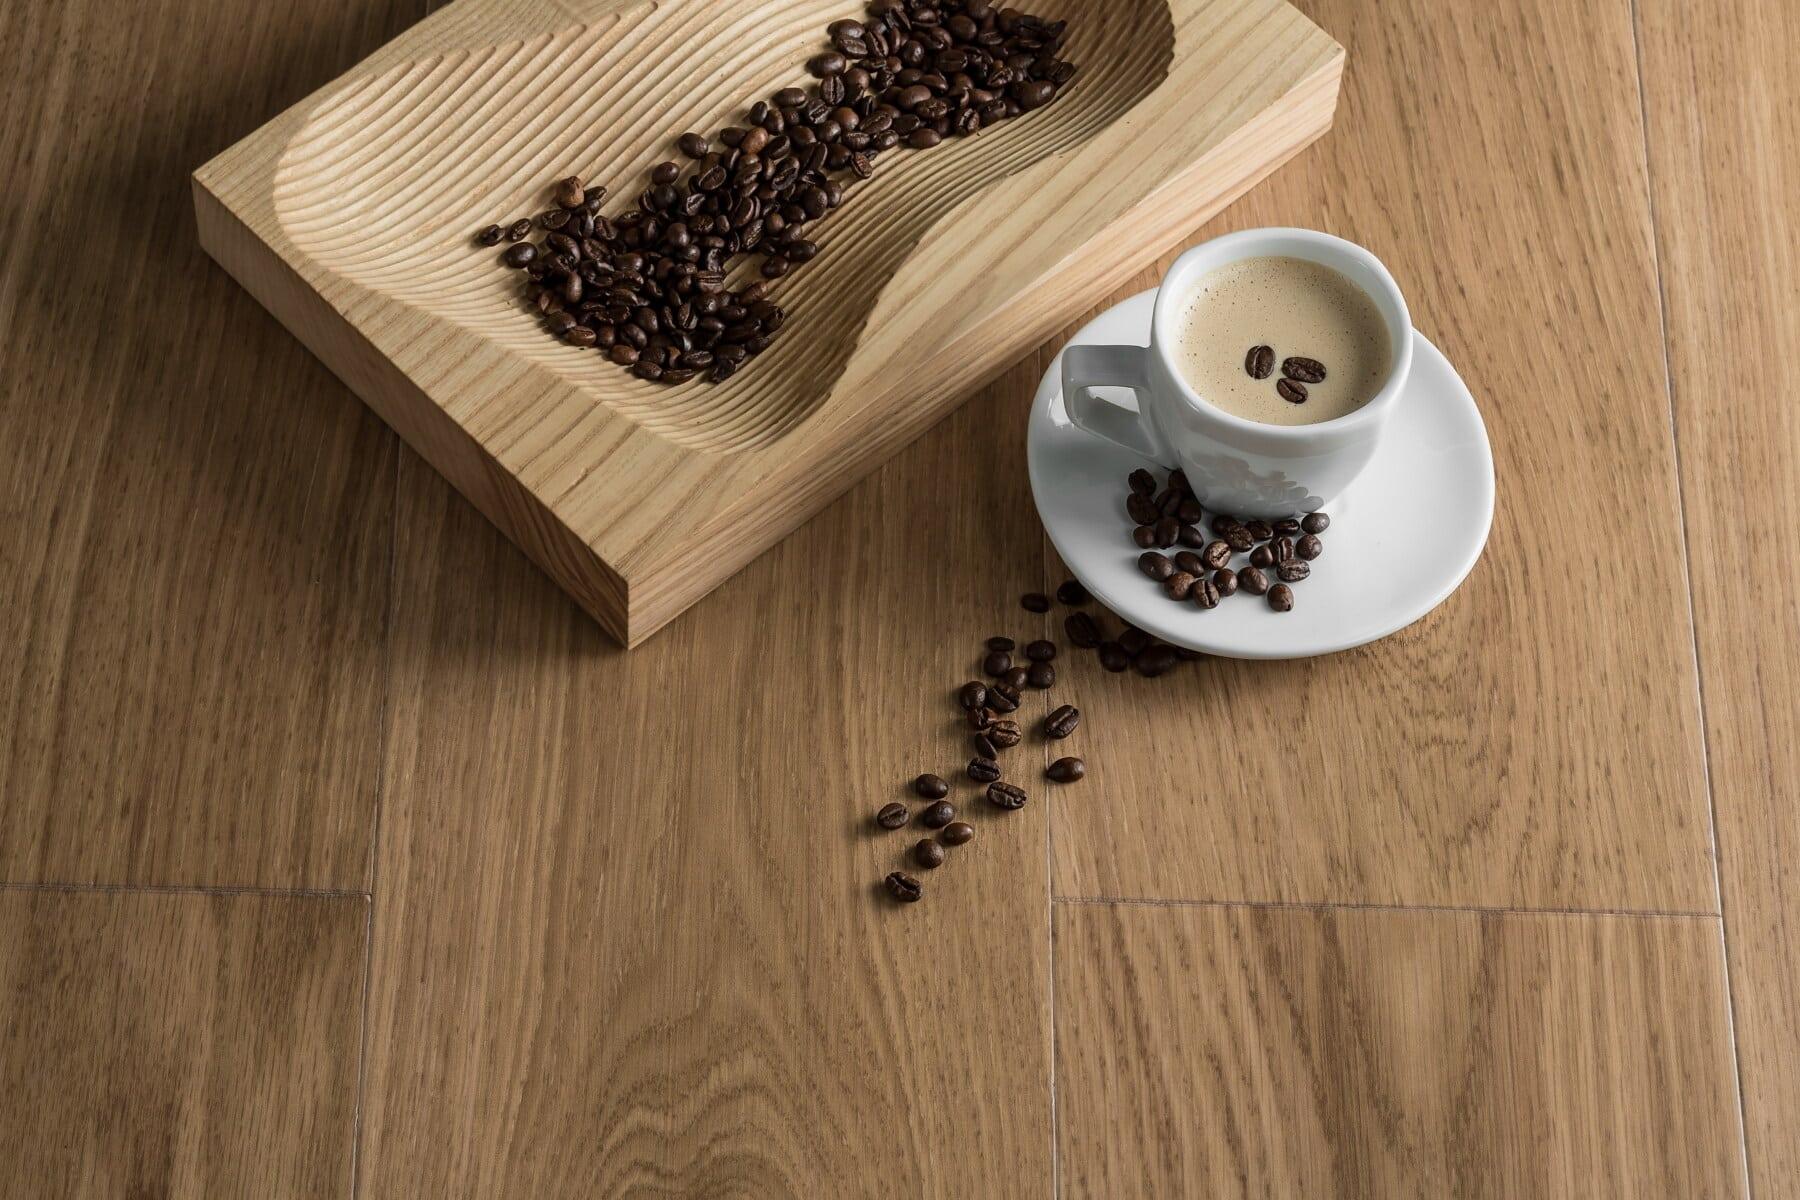 cofeina, cappuccino, cald, cana de cafea, cafea, seminţe, fierbinte, mic dejun, bauturi, băutură